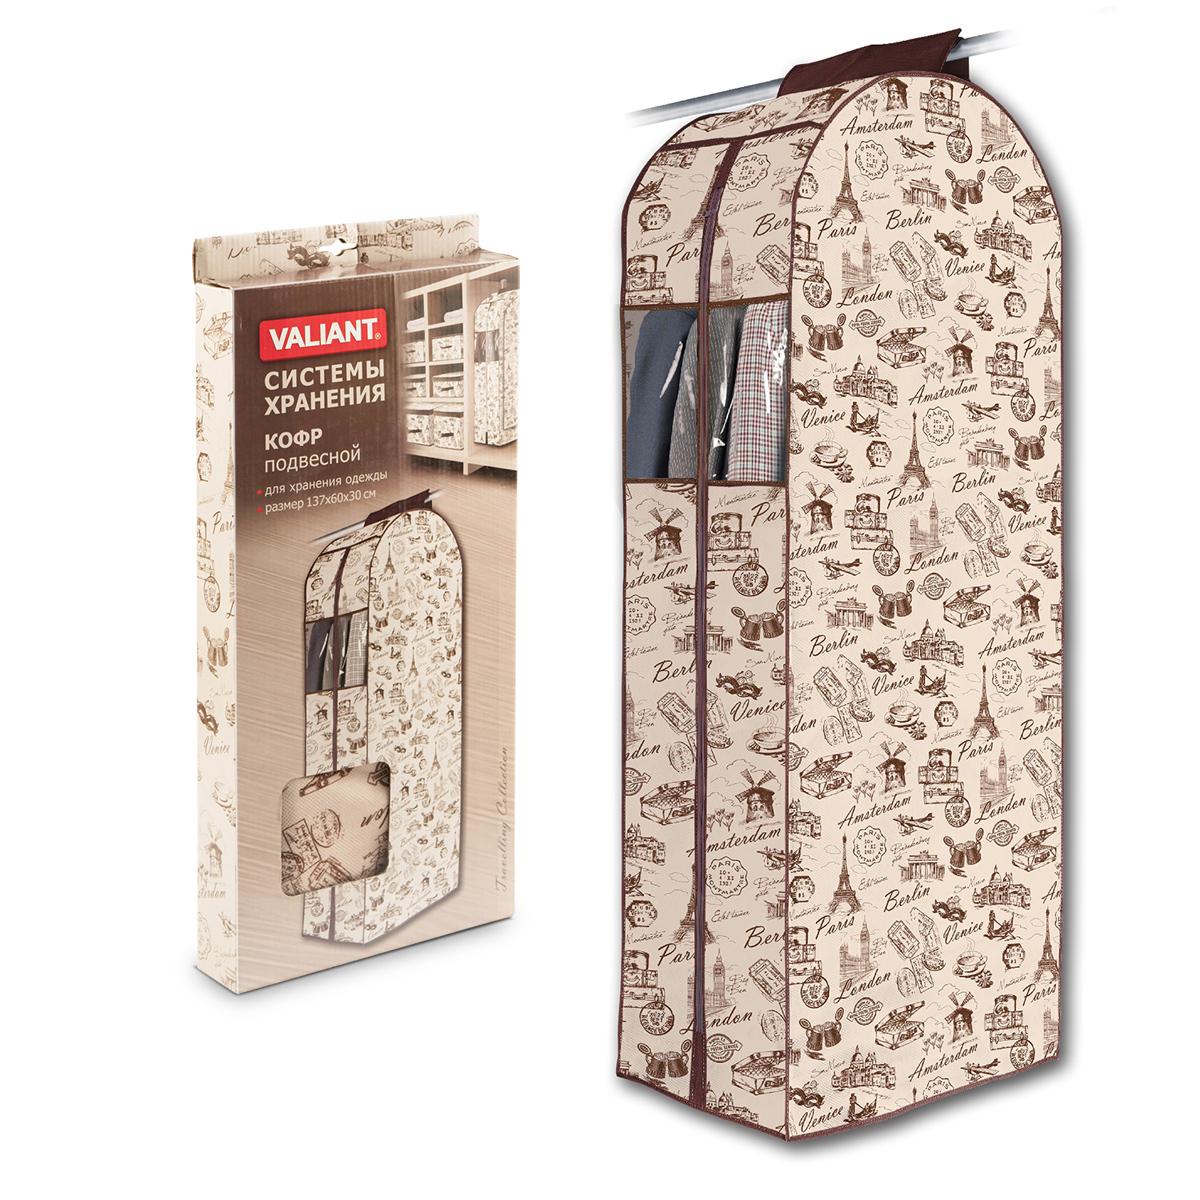 Кофр подвесной для одежды Valiant Travelling, 137 см х 60 см х 30 см531-401Подвесной кофр для одежды Valiant Travelling изготовлен из высококачественного нетканого материала (спанбонда), который обеспечивает естественную вентиляцию, позволяя воздуху проникать внутрь, но не пропускает пыль. Кофр очень удобен в использовании. Благодаря размерам и форме отлично подходит для транспортировки и долговременного хранения одежды (летом - теплых курток и пальто, зимой - летнего гардероба). Легко открывается и закрывается с помощью застежки-молнии. Кофр снабжен прозрачным окошком из ПВХ, что позволяет легко просматривать содержимое. Изделие снабжено широкой петлей на липучках, с помощью которой крепится к перекладине в гардеробе. Оригинальный дизайн погружает в атмосферу путешествий по разным городам и странам. Системы хранения в едином дизайне сделают вашу гардеробную красивой и невероятно стильной.